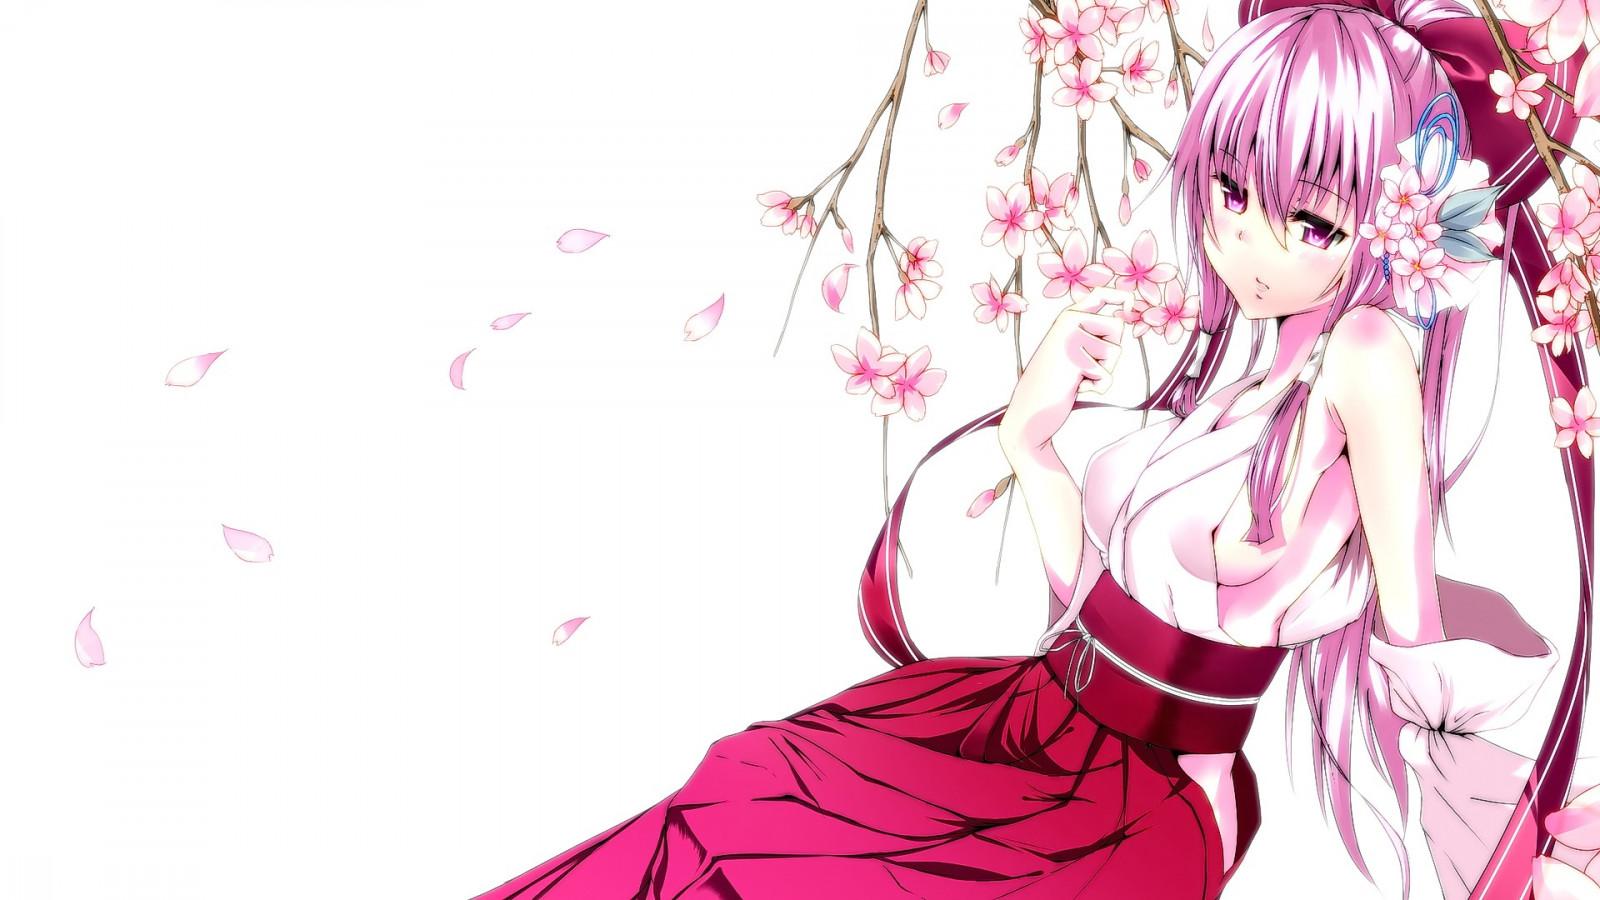 Картинки на в вк вишневый аниме